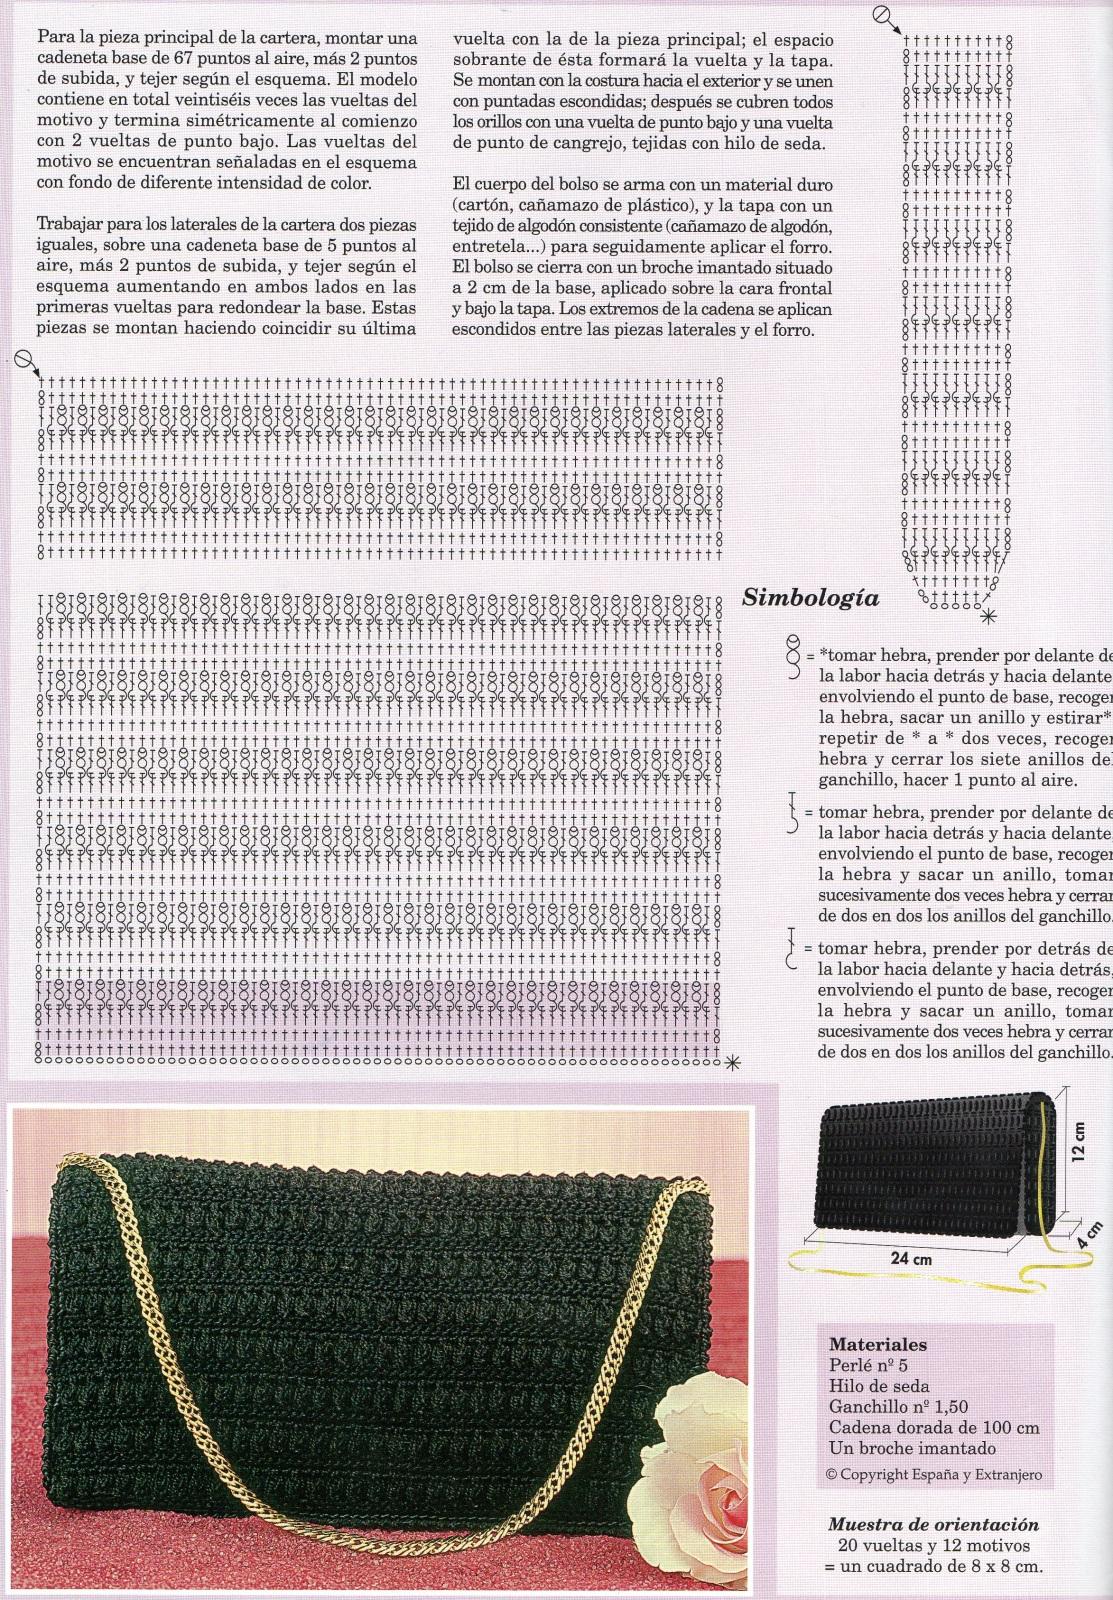 patrones de bolsos 24z9ke1